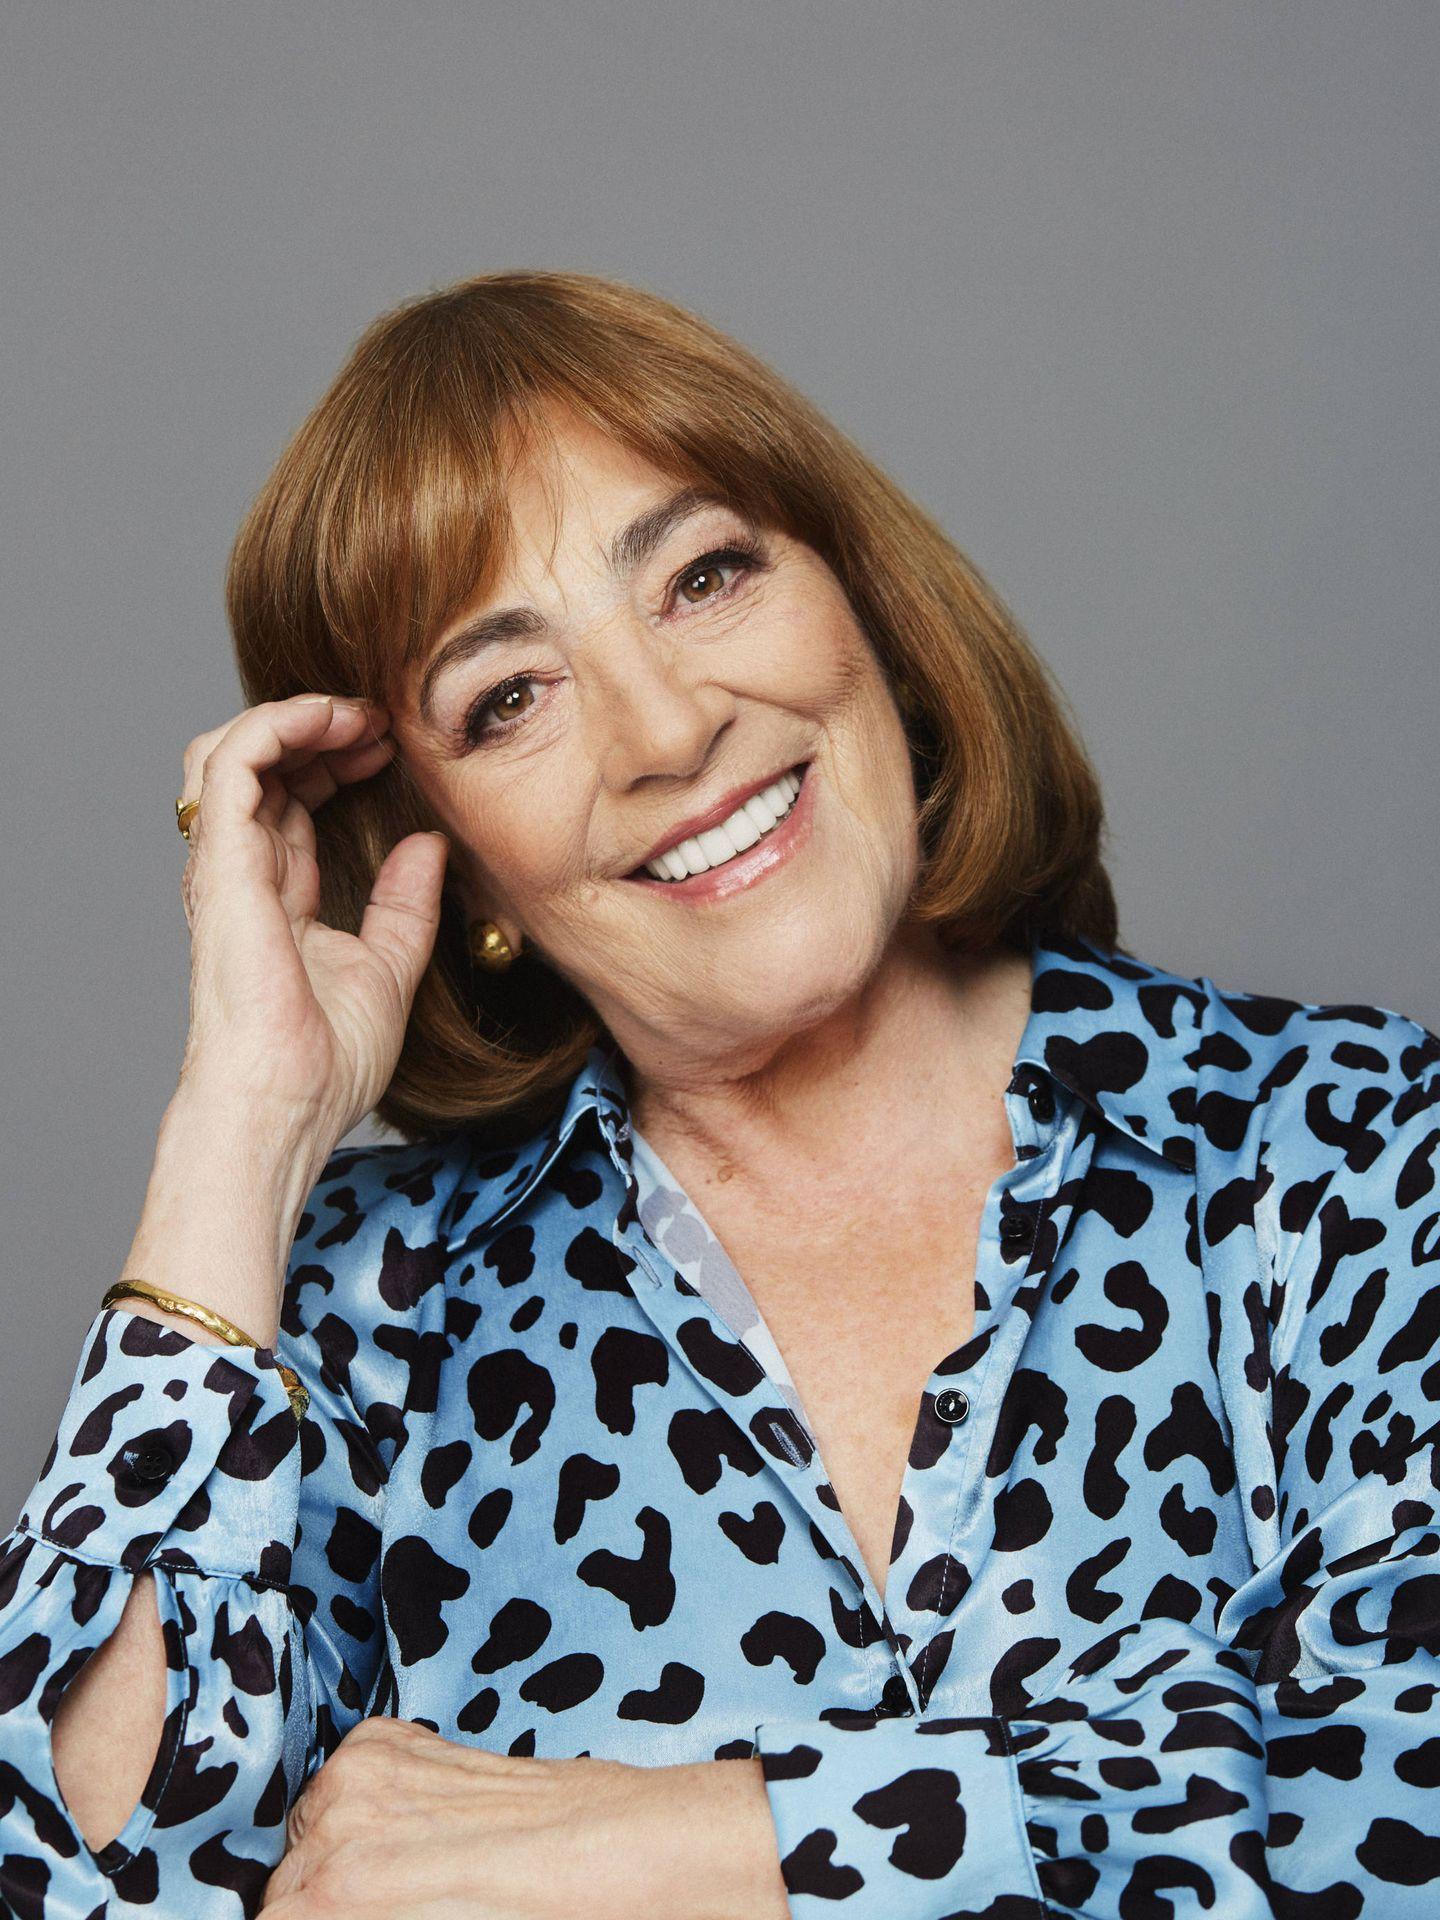 Carmen Maura, en una sesión fotográfica. (Foto: Daniel Rojas)